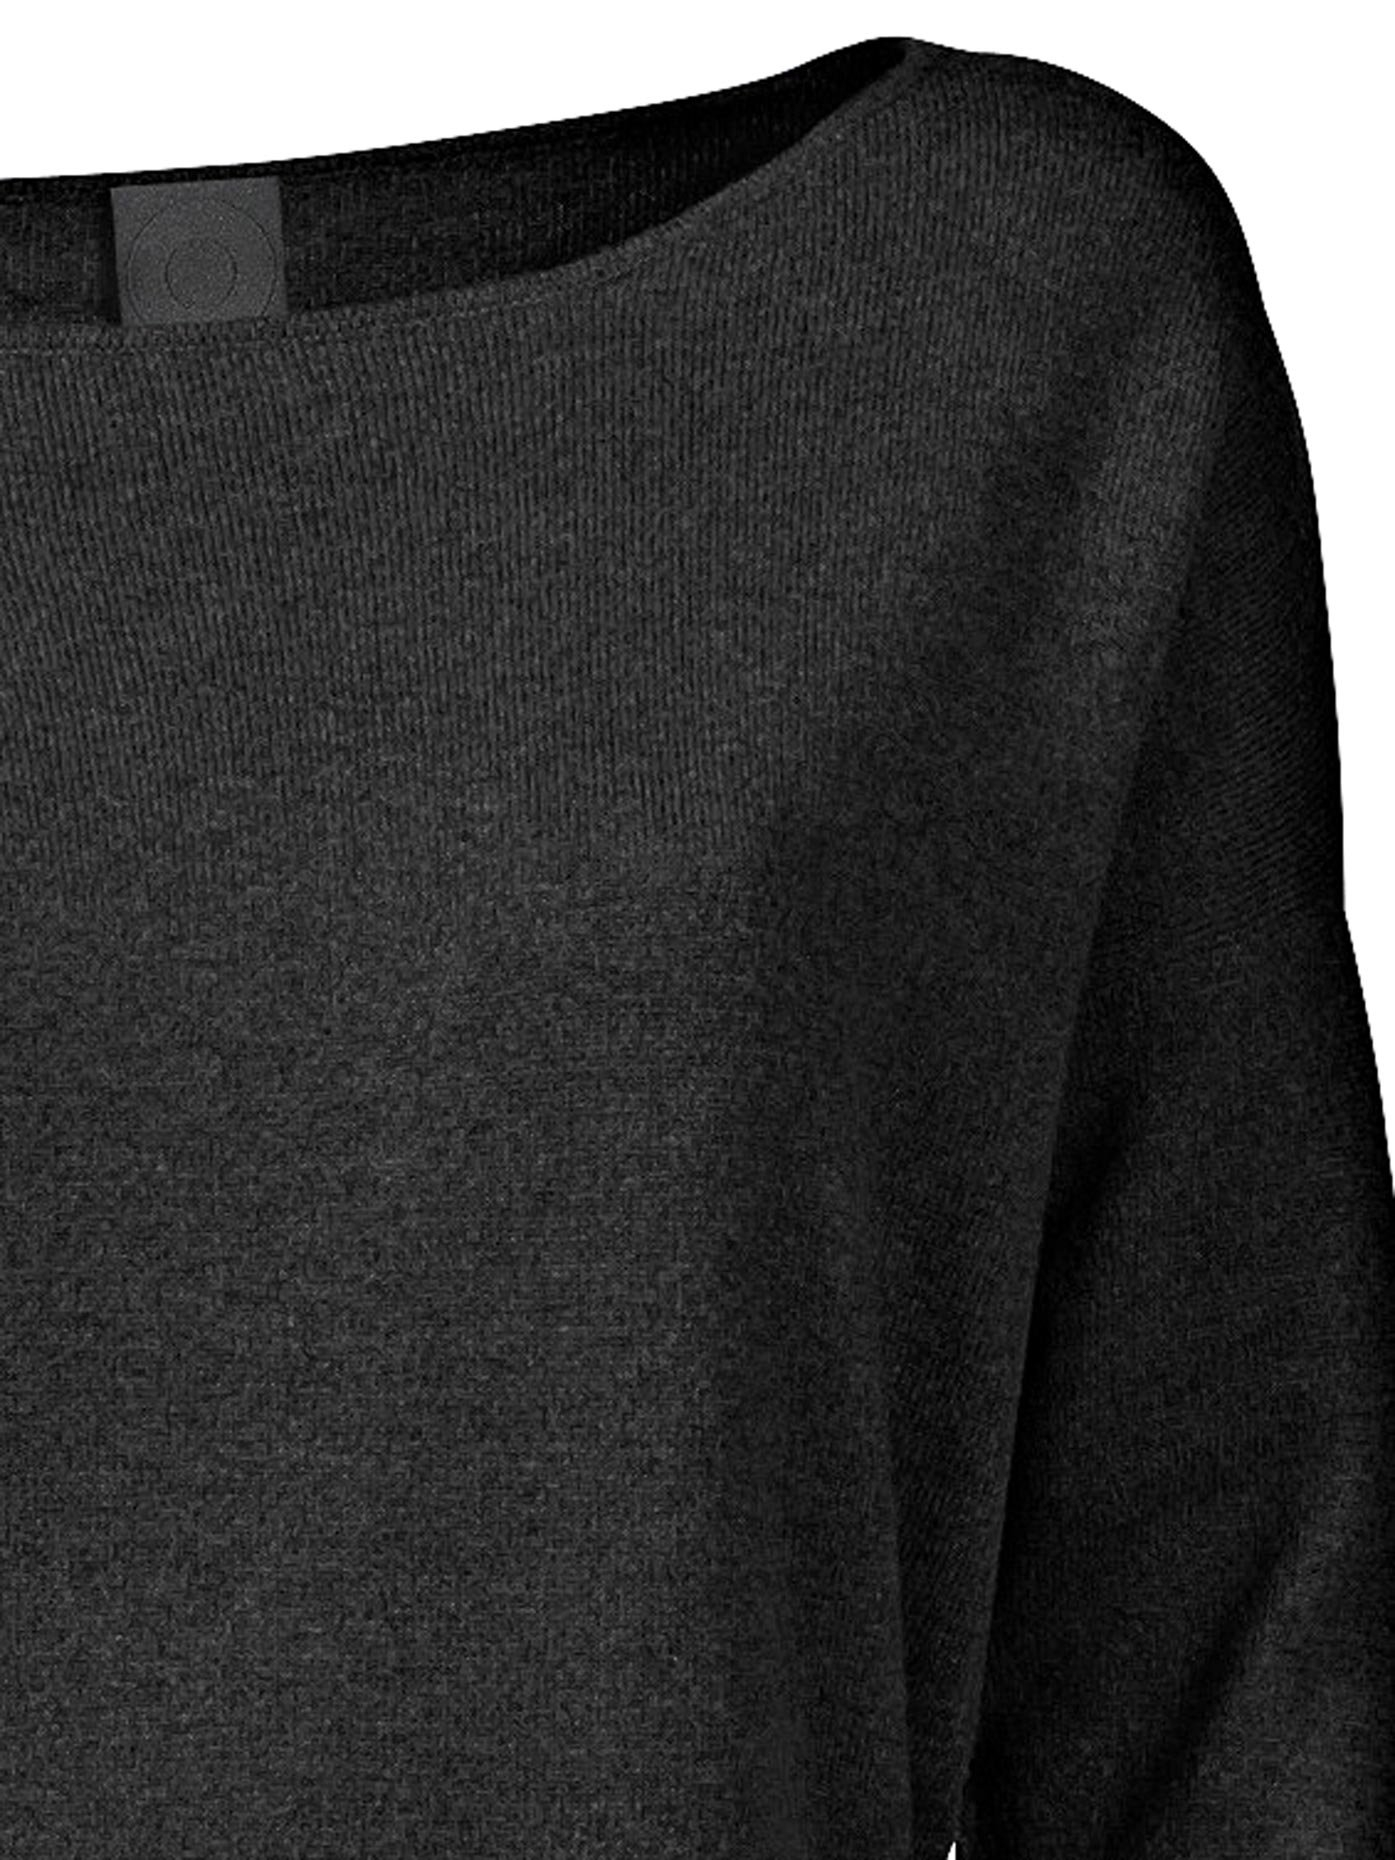 B.C. BEST CONNECTIONS by Heine gebreide trui gemaakt van kasjmier bij OTTO online kopen